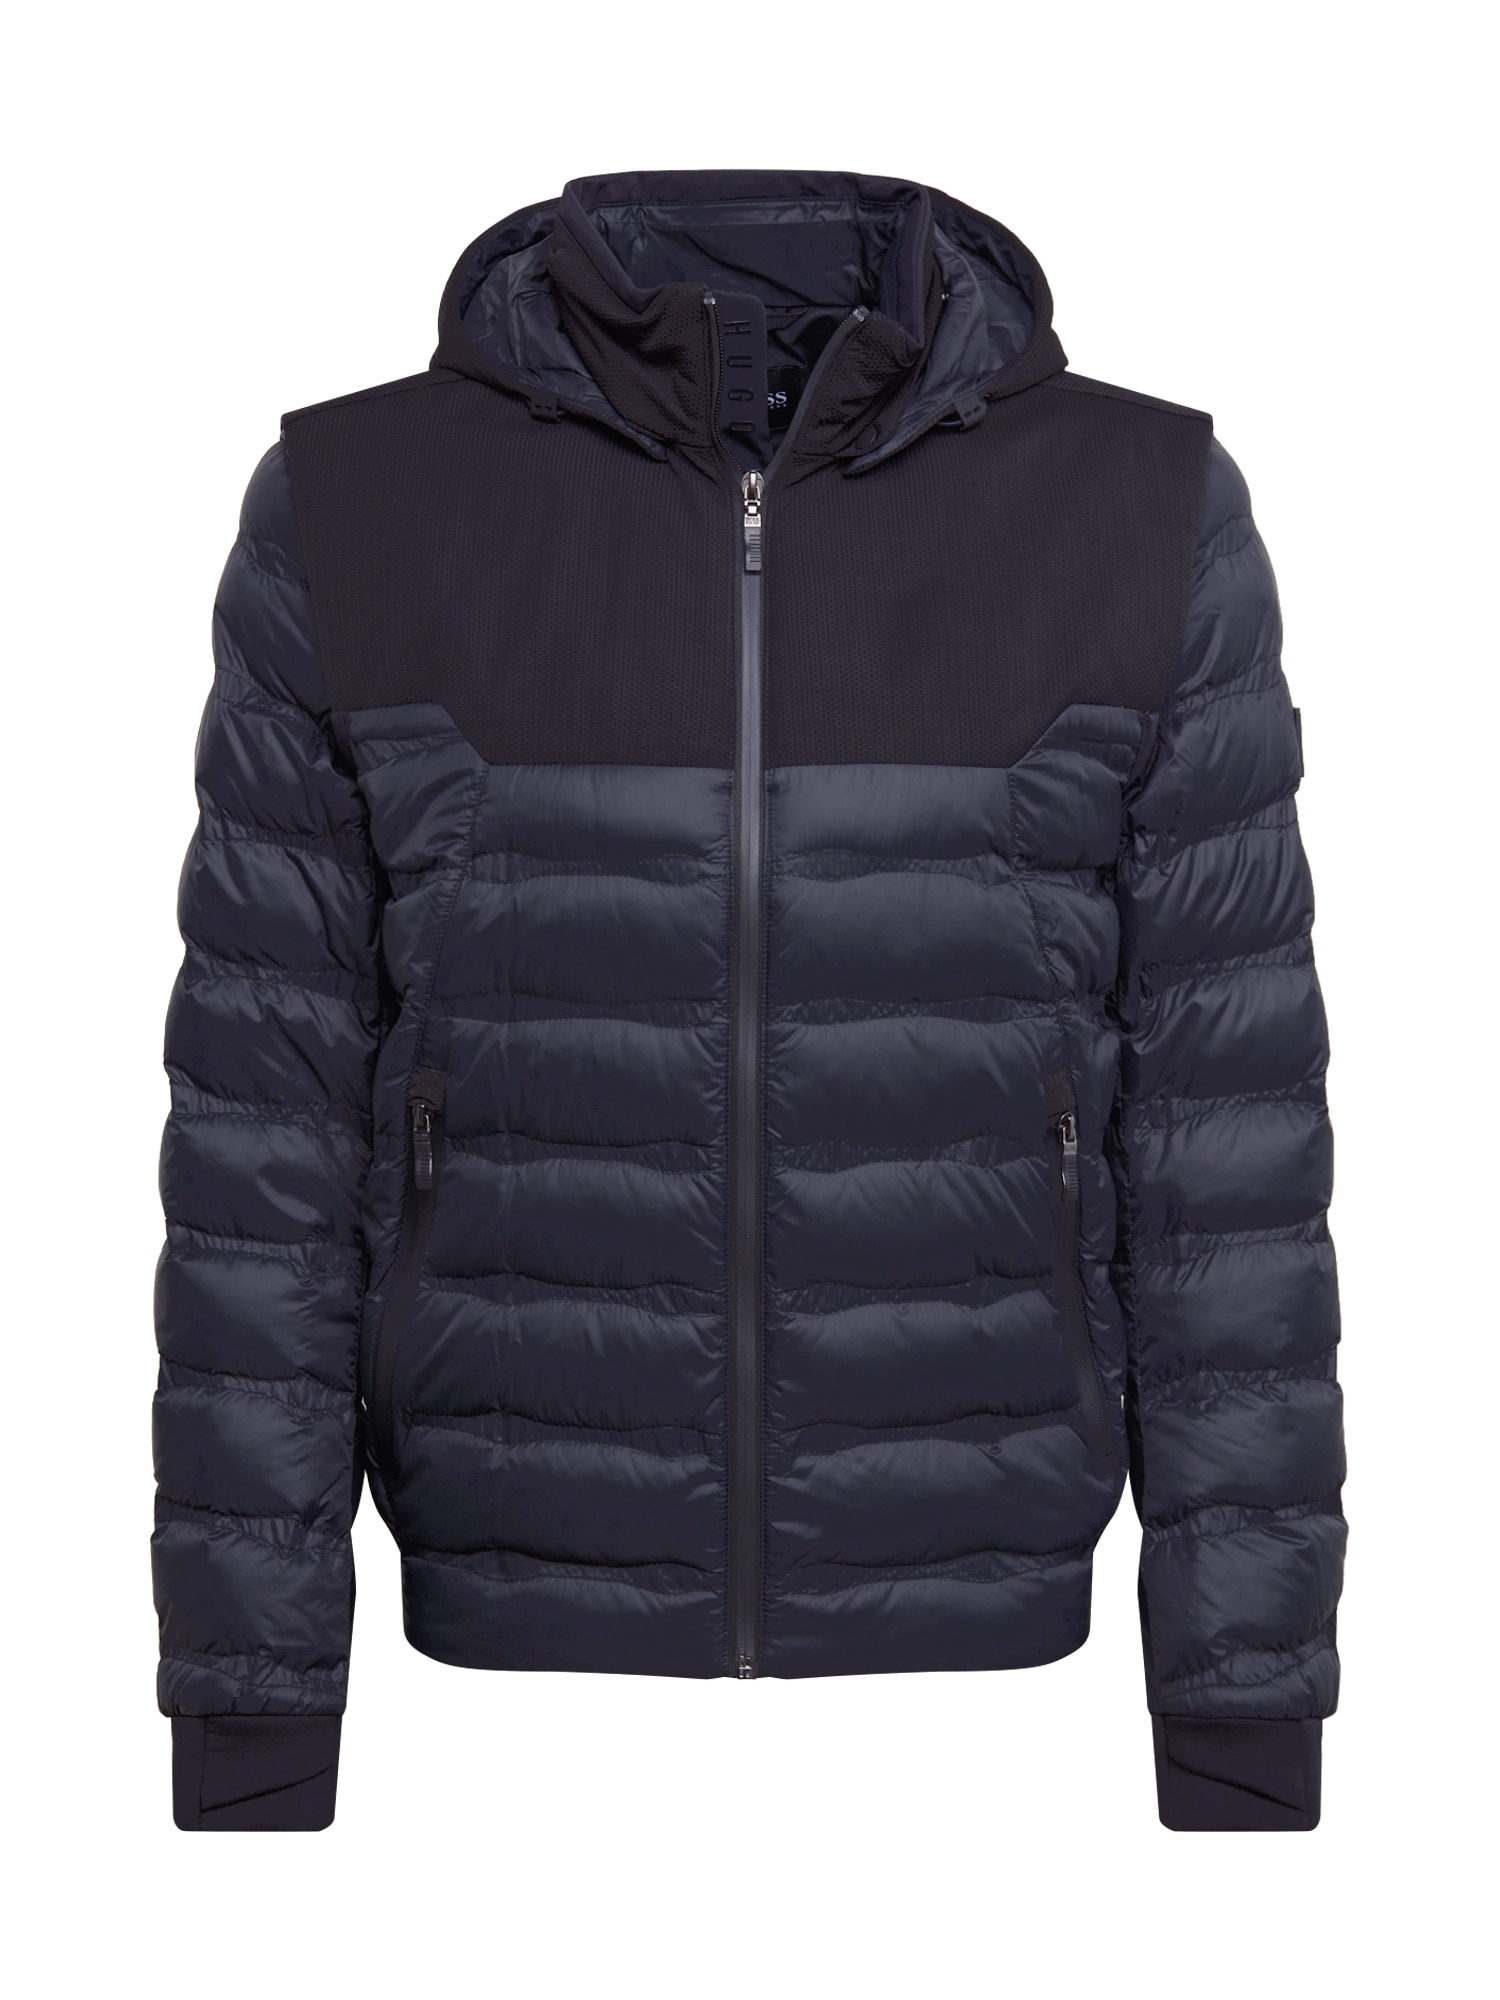 BOSS ATHLEISURE Žieminė striukė 'J_Skyn' juoda